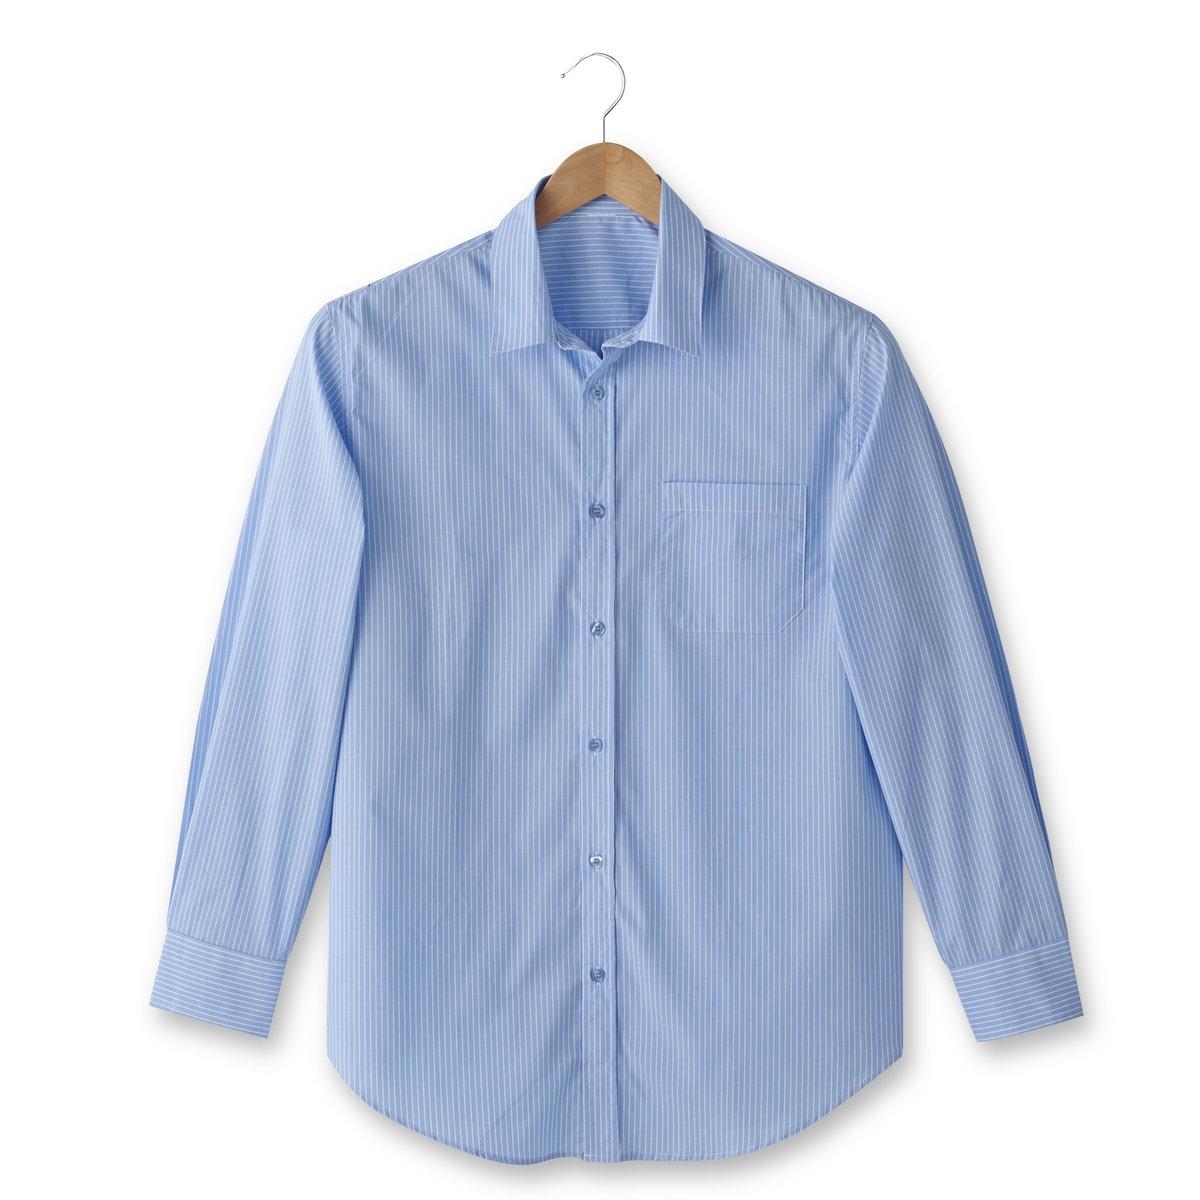 Рубашка из поплина с длинными рукавами, рост 1Рубашка с длинными рукавами, рост 1. 1 накладной нагрудный карман. Складка с полоской ткани на спинке. Из поплина, 100% хлопок. Рост 1 (при росте до 176 см).Рост 1 (при росте до 176 см) : - длина рубашки спереди : 83 см для размера 41/42 и 90 см для размера 55/56.- длина рукавов : 62 см.Данная модель представлена также для роста 2 (при росте 176-187 см) и 3 (при росте от 187 см) и с короткими рукавами.<br><br>Цвет: синяя полоска<br>Размер: 43/44